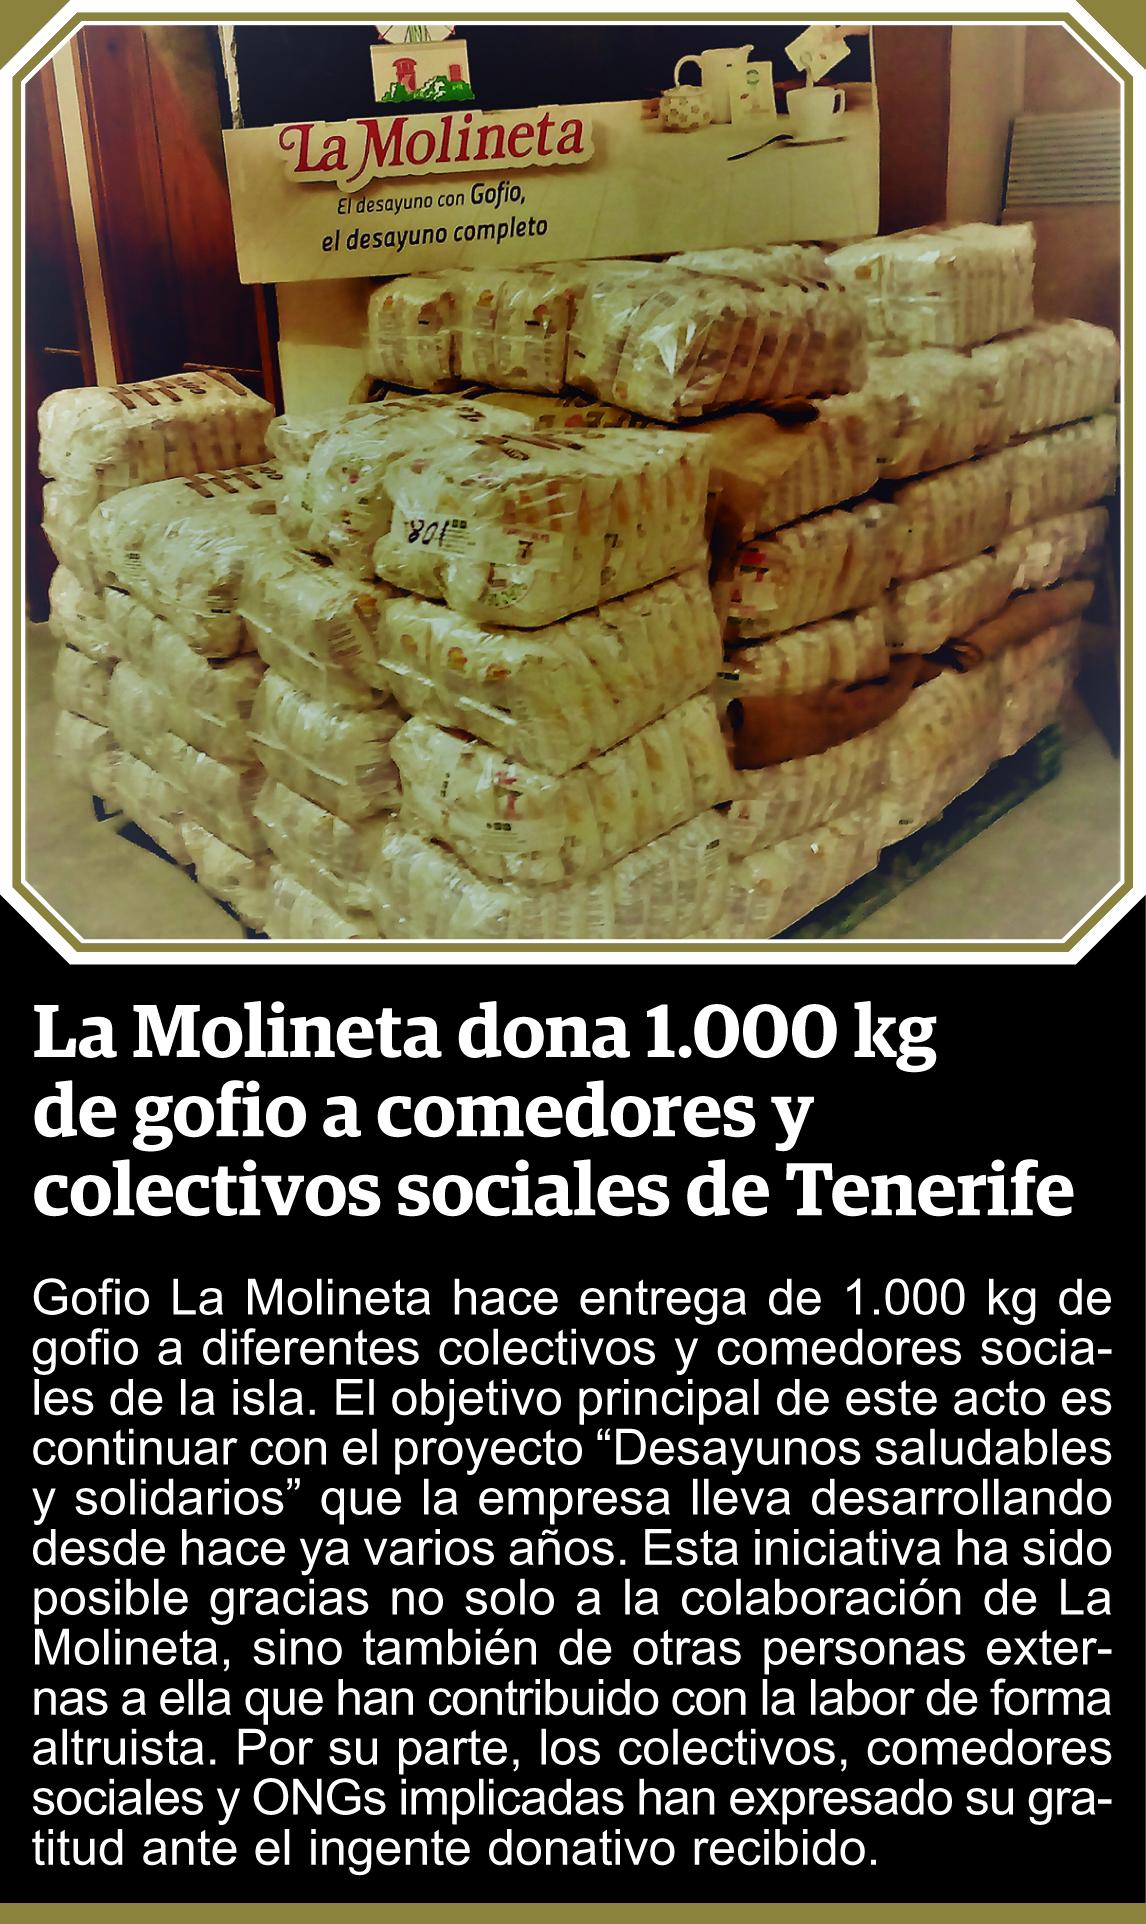 Diversos Colectovos y ONG , reciben la Donación de Gofio La Molineta s.l.